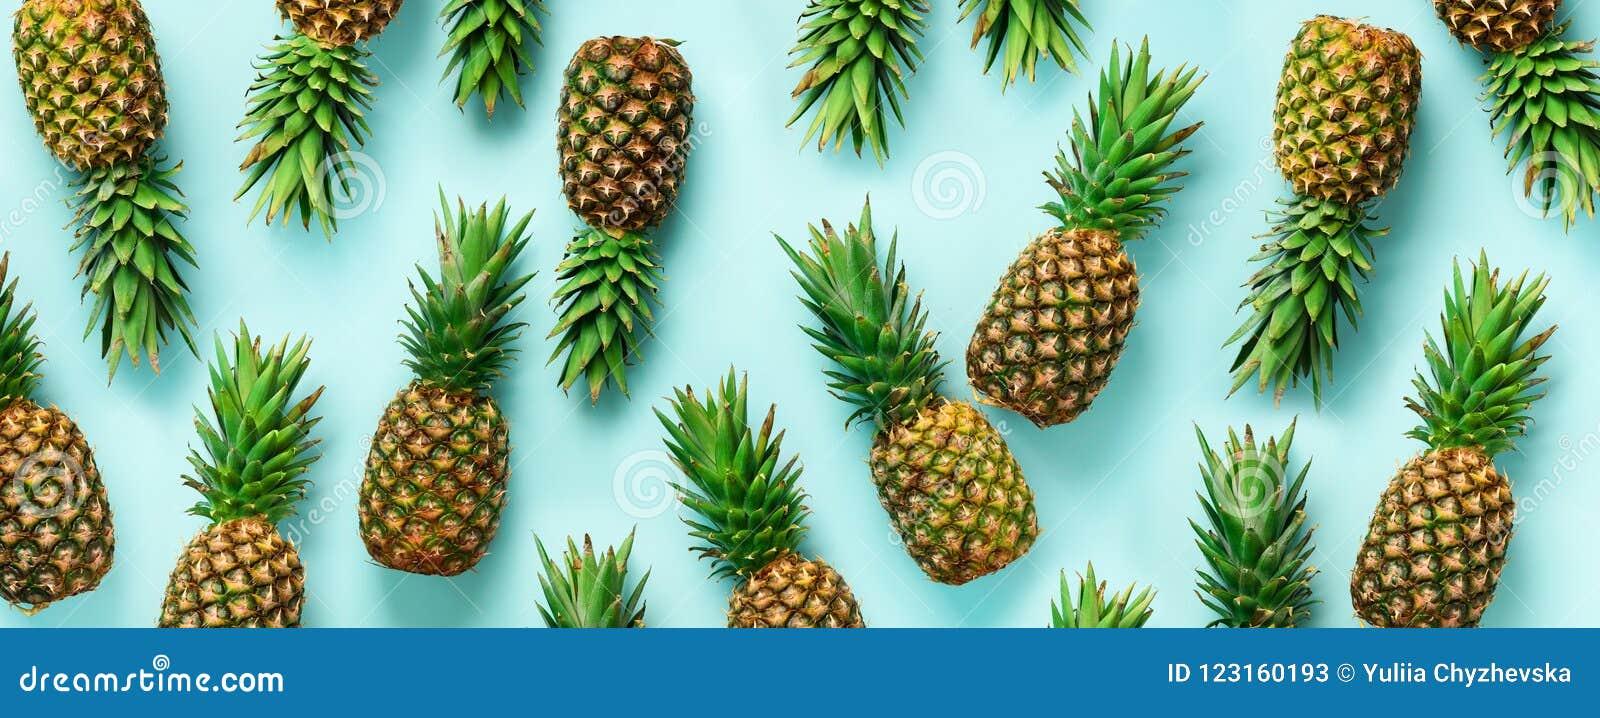 Helles Ananasmuster für minimale Art Beschneidungspfad eingeschlossen Pop-Arten-Design, kreatives Konzept Kopieren Sie Platz fahn